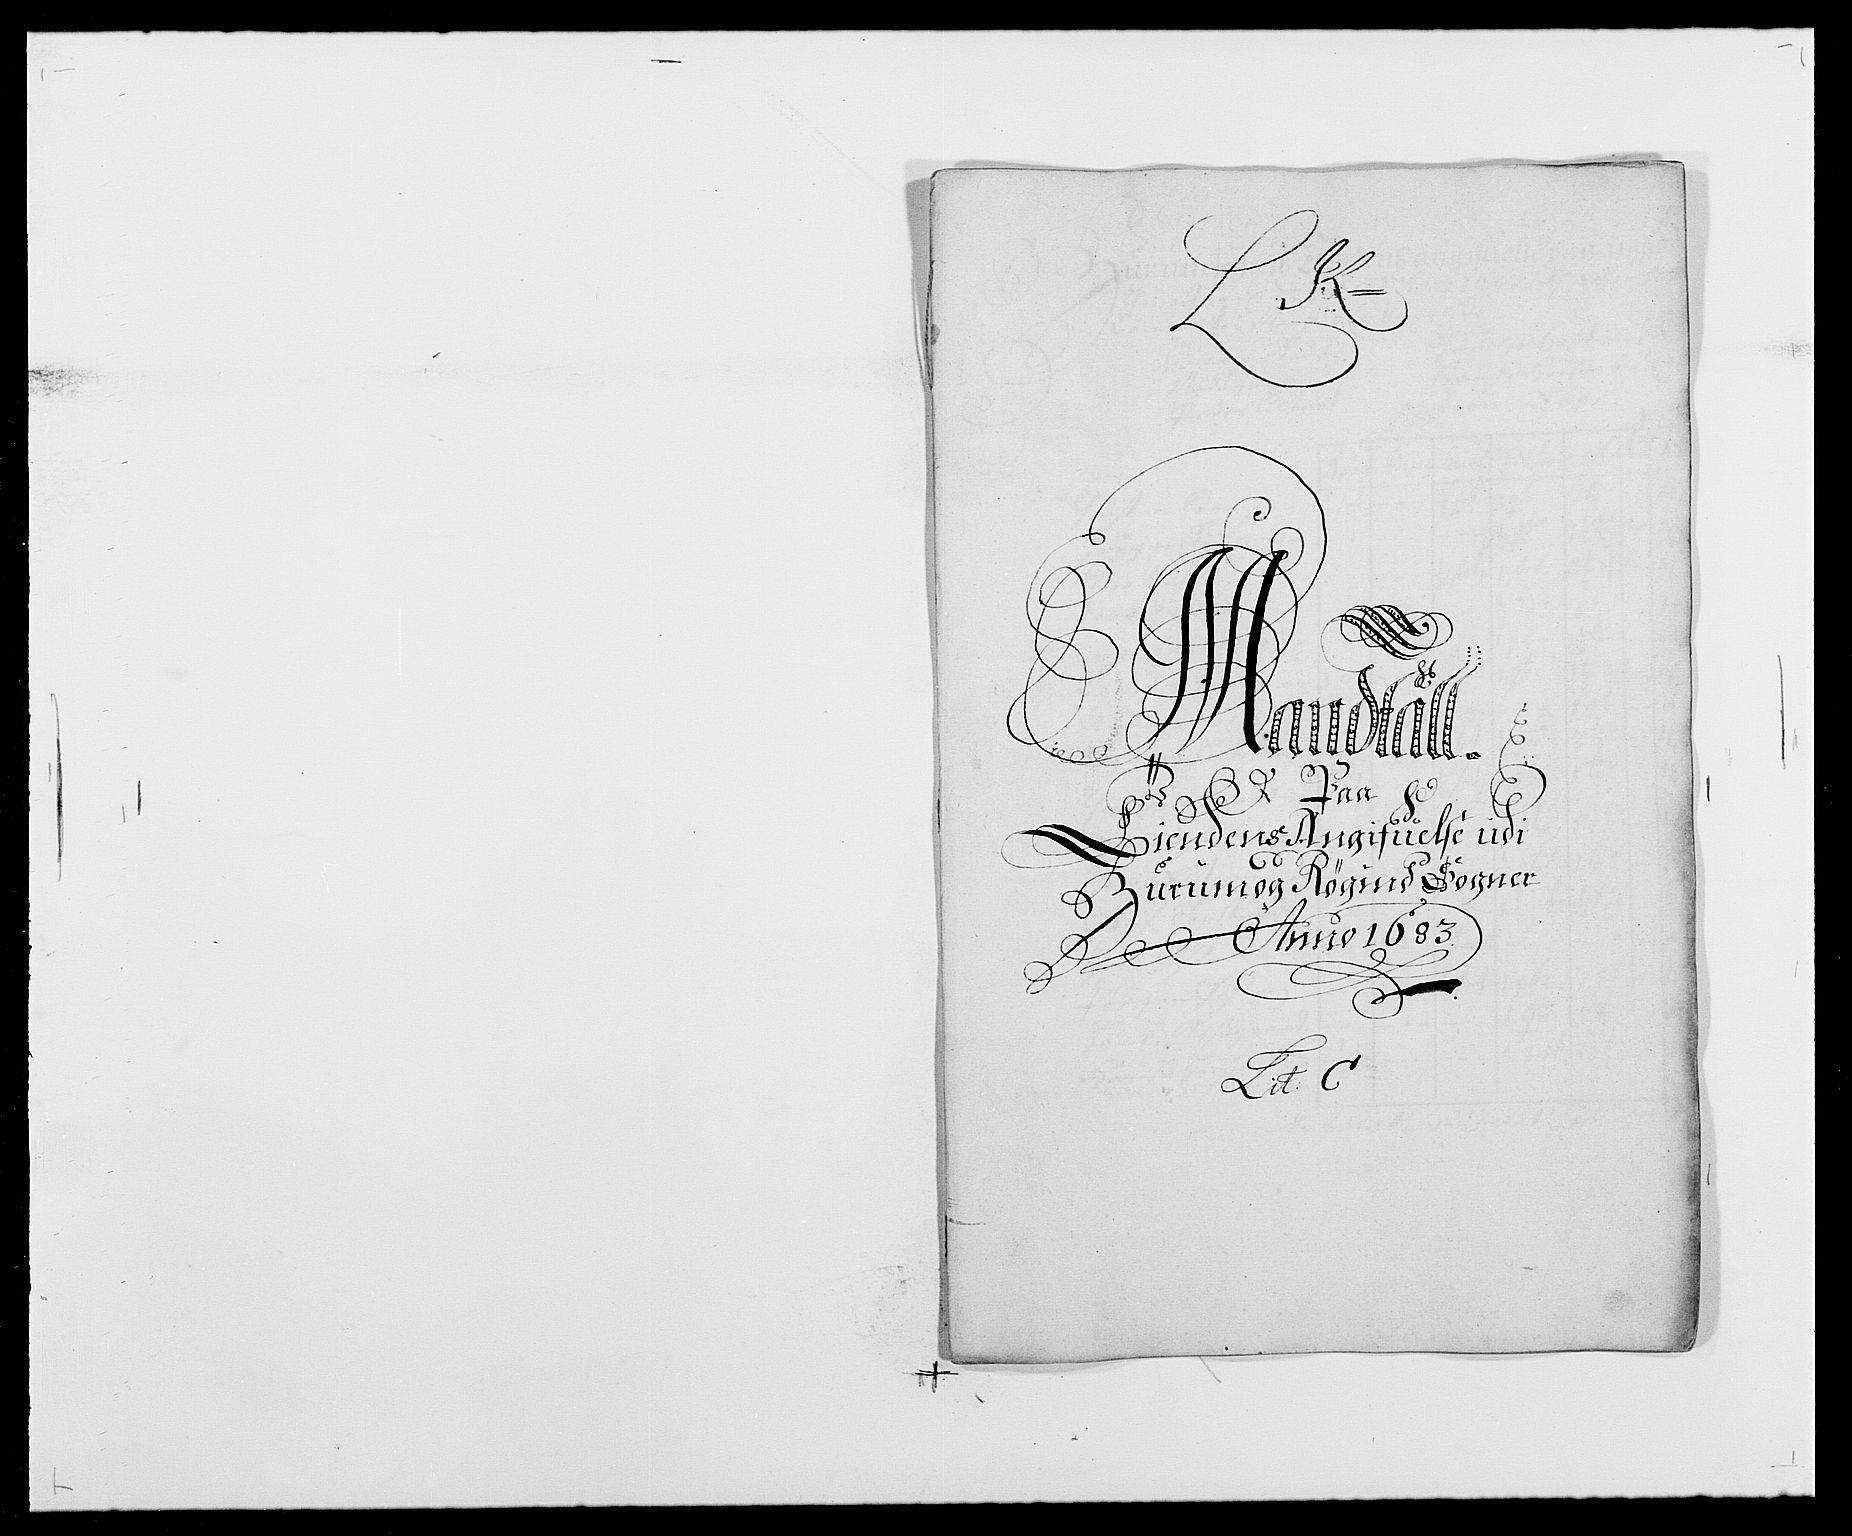 RA, Rentekammeret inntil 1814, Reviderte regnskaper, Fogderegnskap, R29/L1692: Fogderegnskap Hurum og Røyken, 1682-1687, s. 131